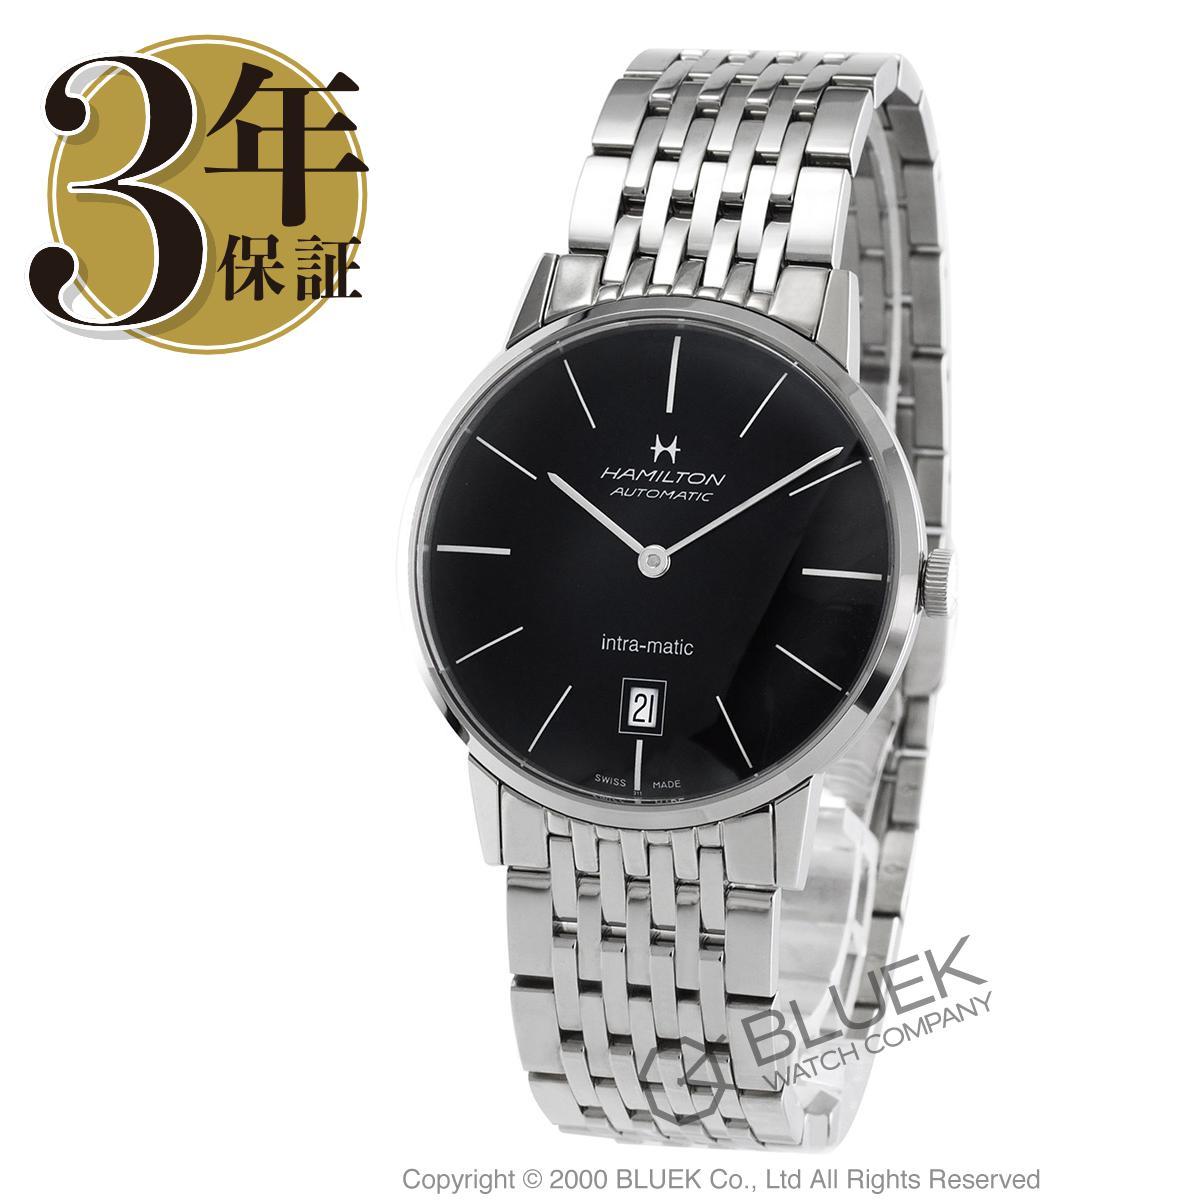 ハミルトン イントラマティック 腕時計 メンズ HAMILTON H38455131_3